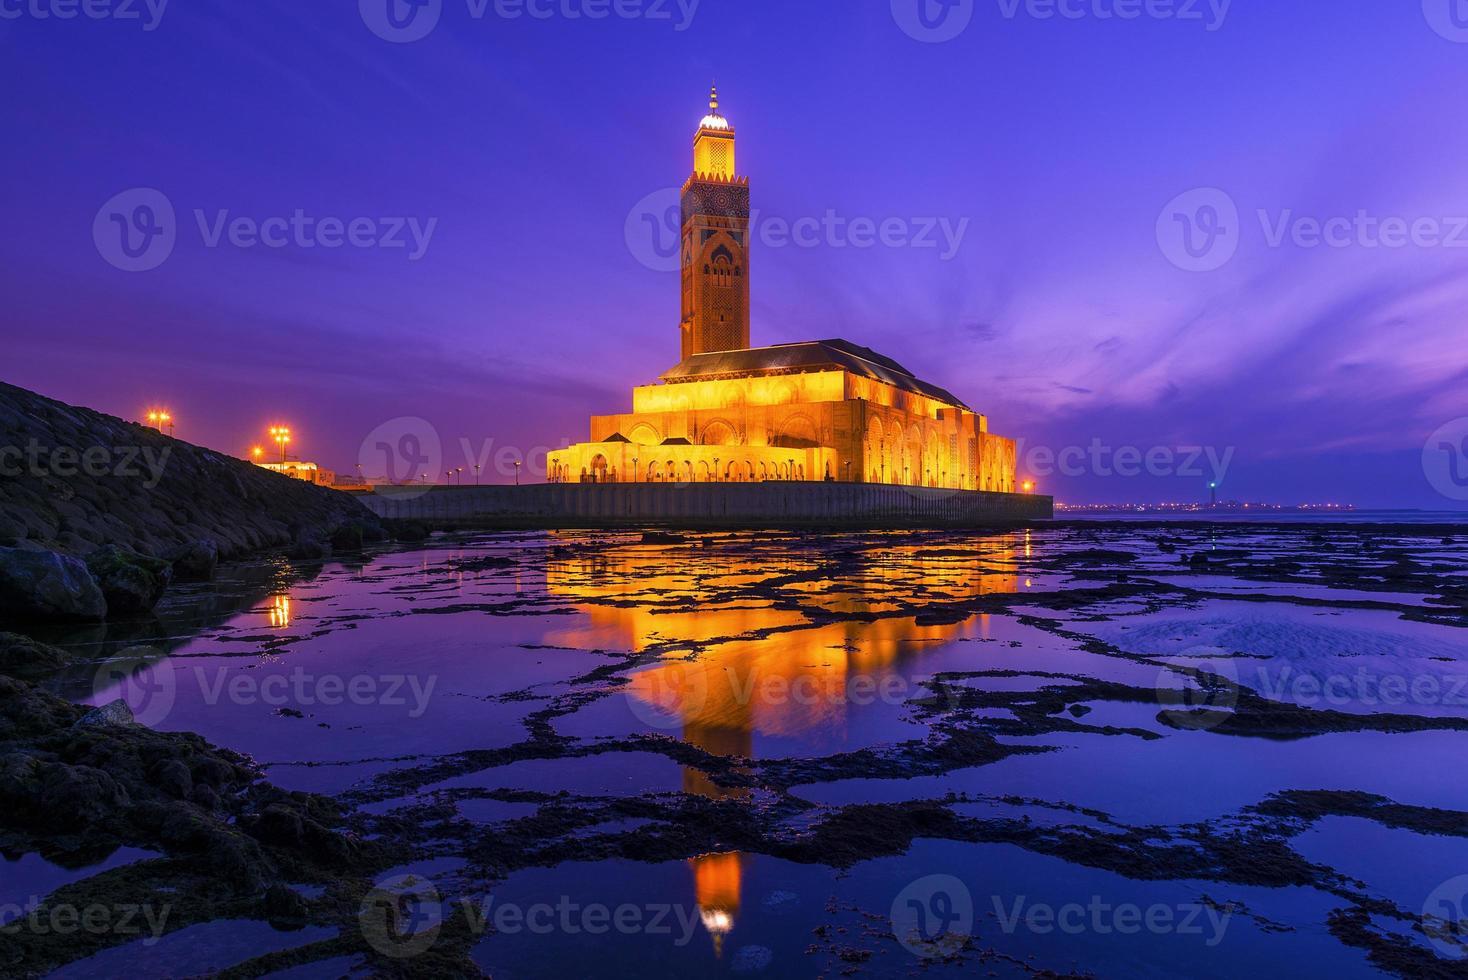 Hassan II Moschee während des Sonnenuntergangs in Casablanca, Marokko foto